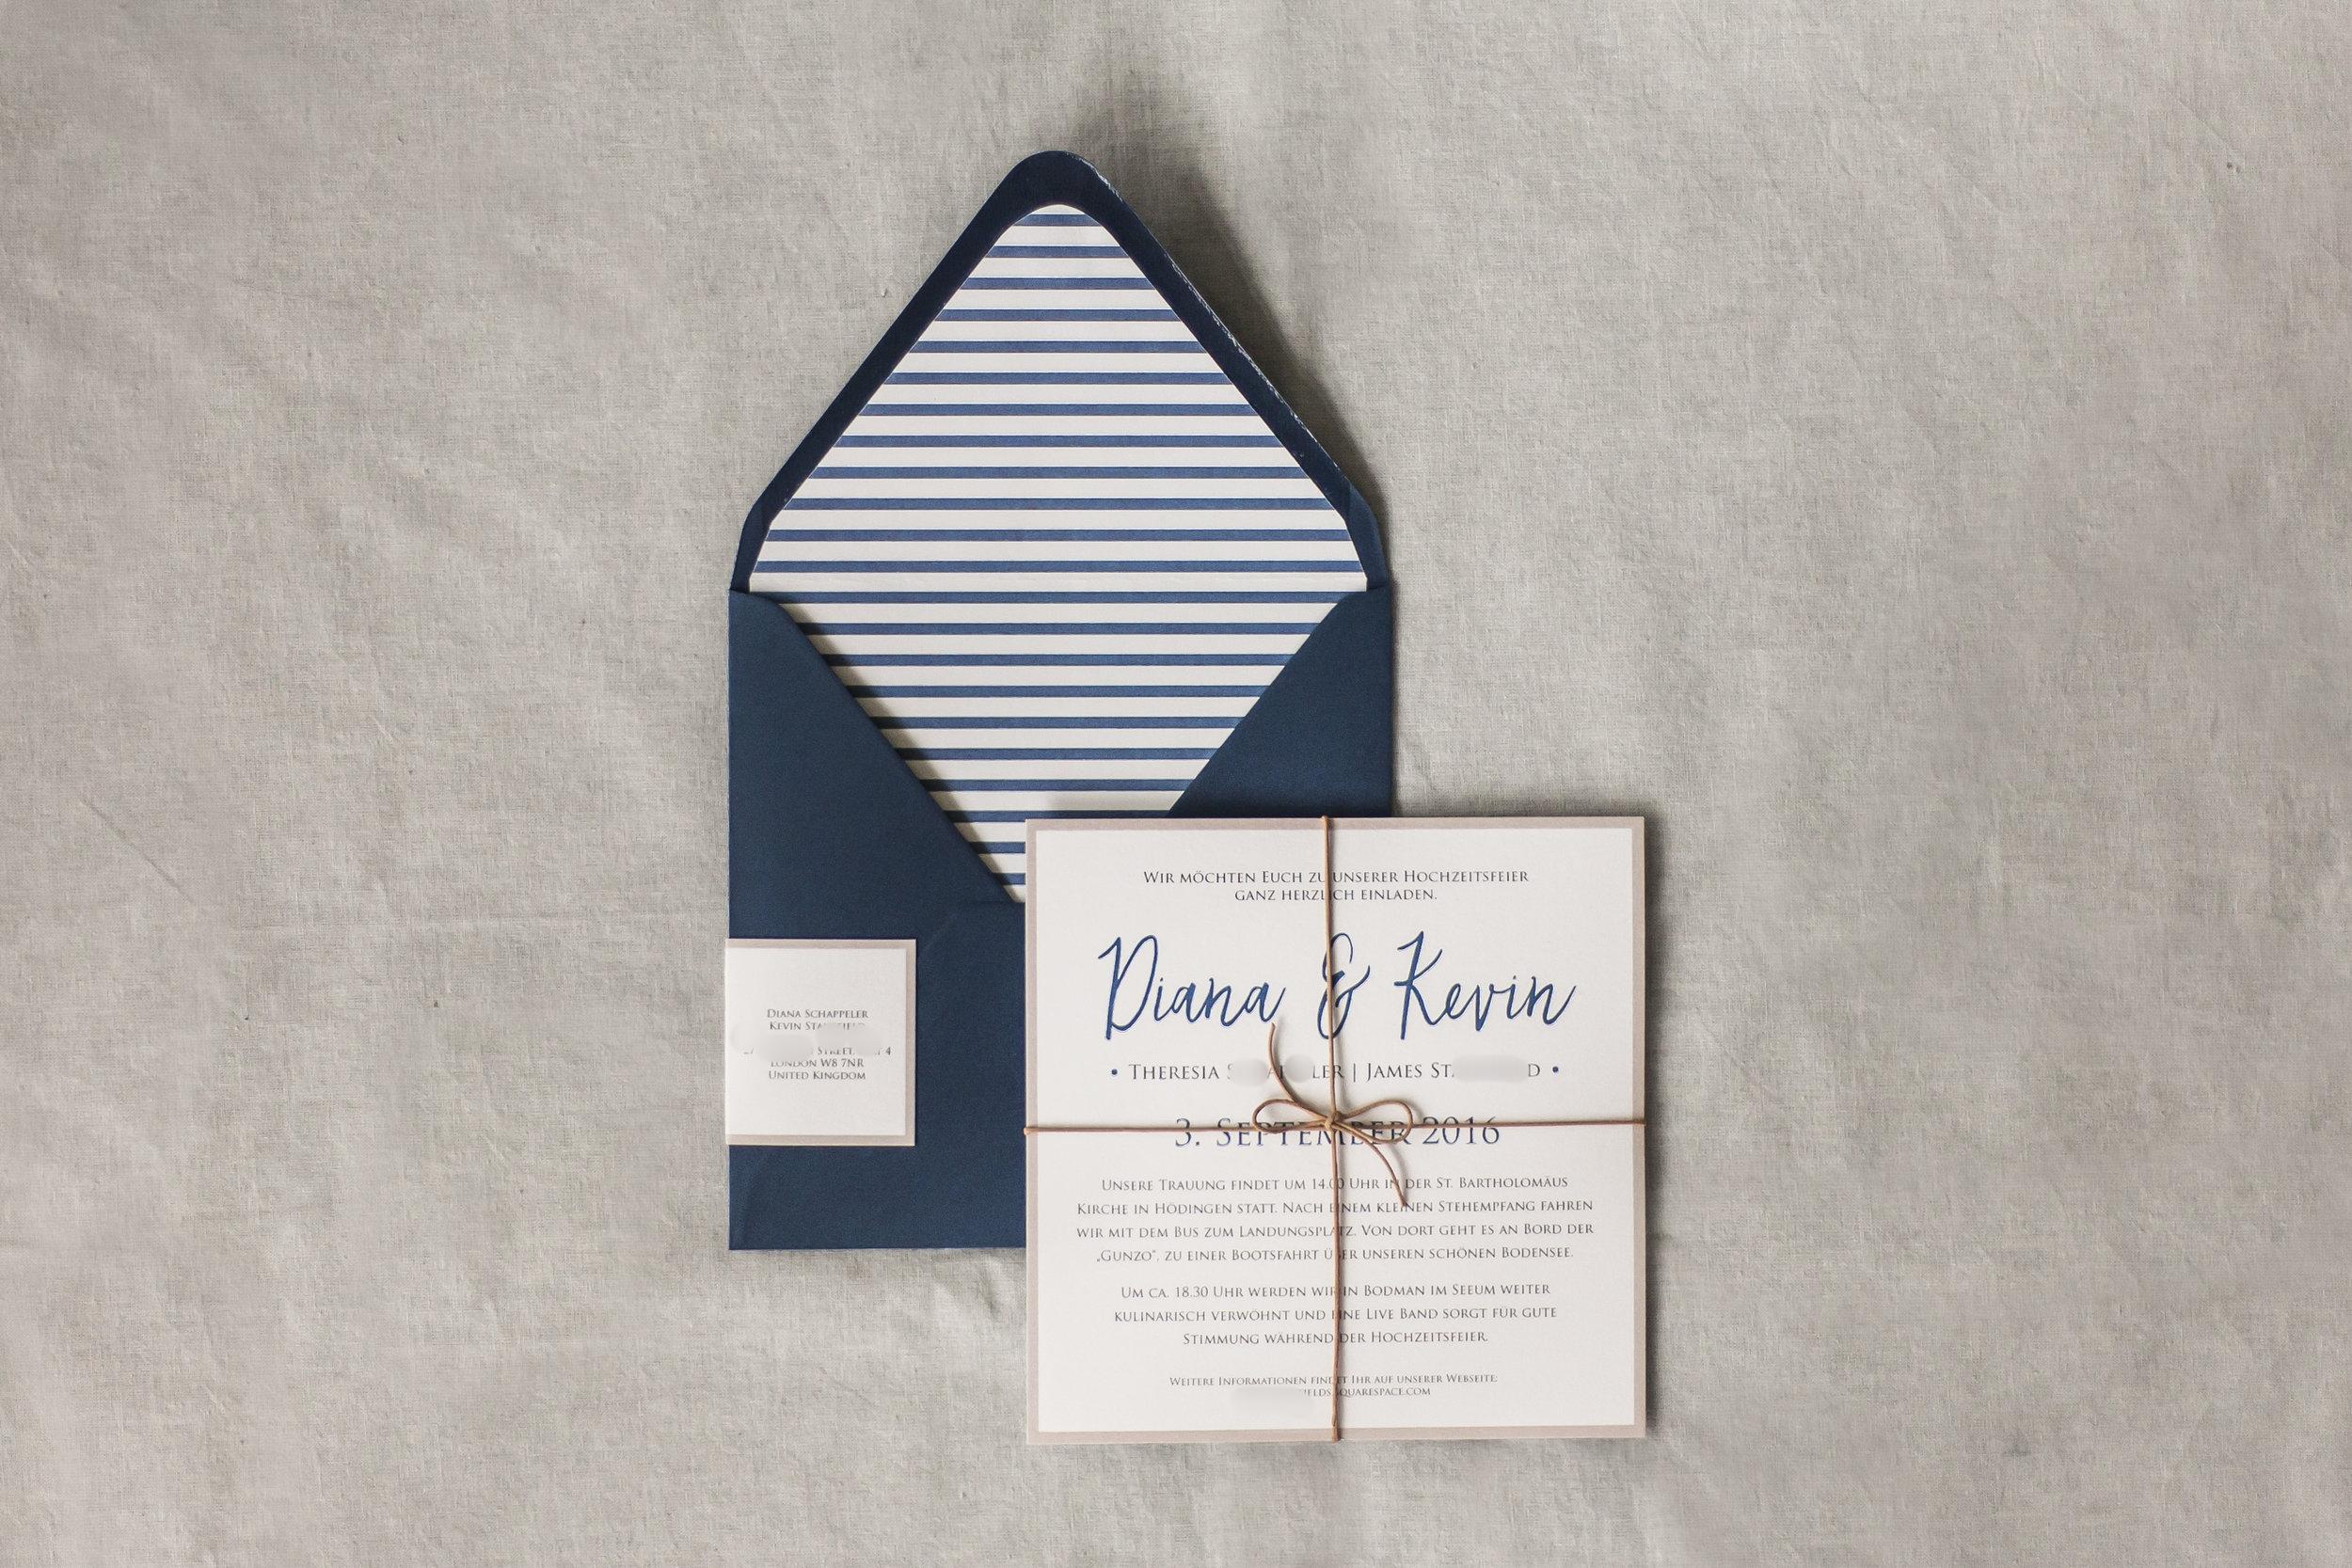 Einladung Blau-weiß und Briefumschlag mit Liner und Adressaufkleber